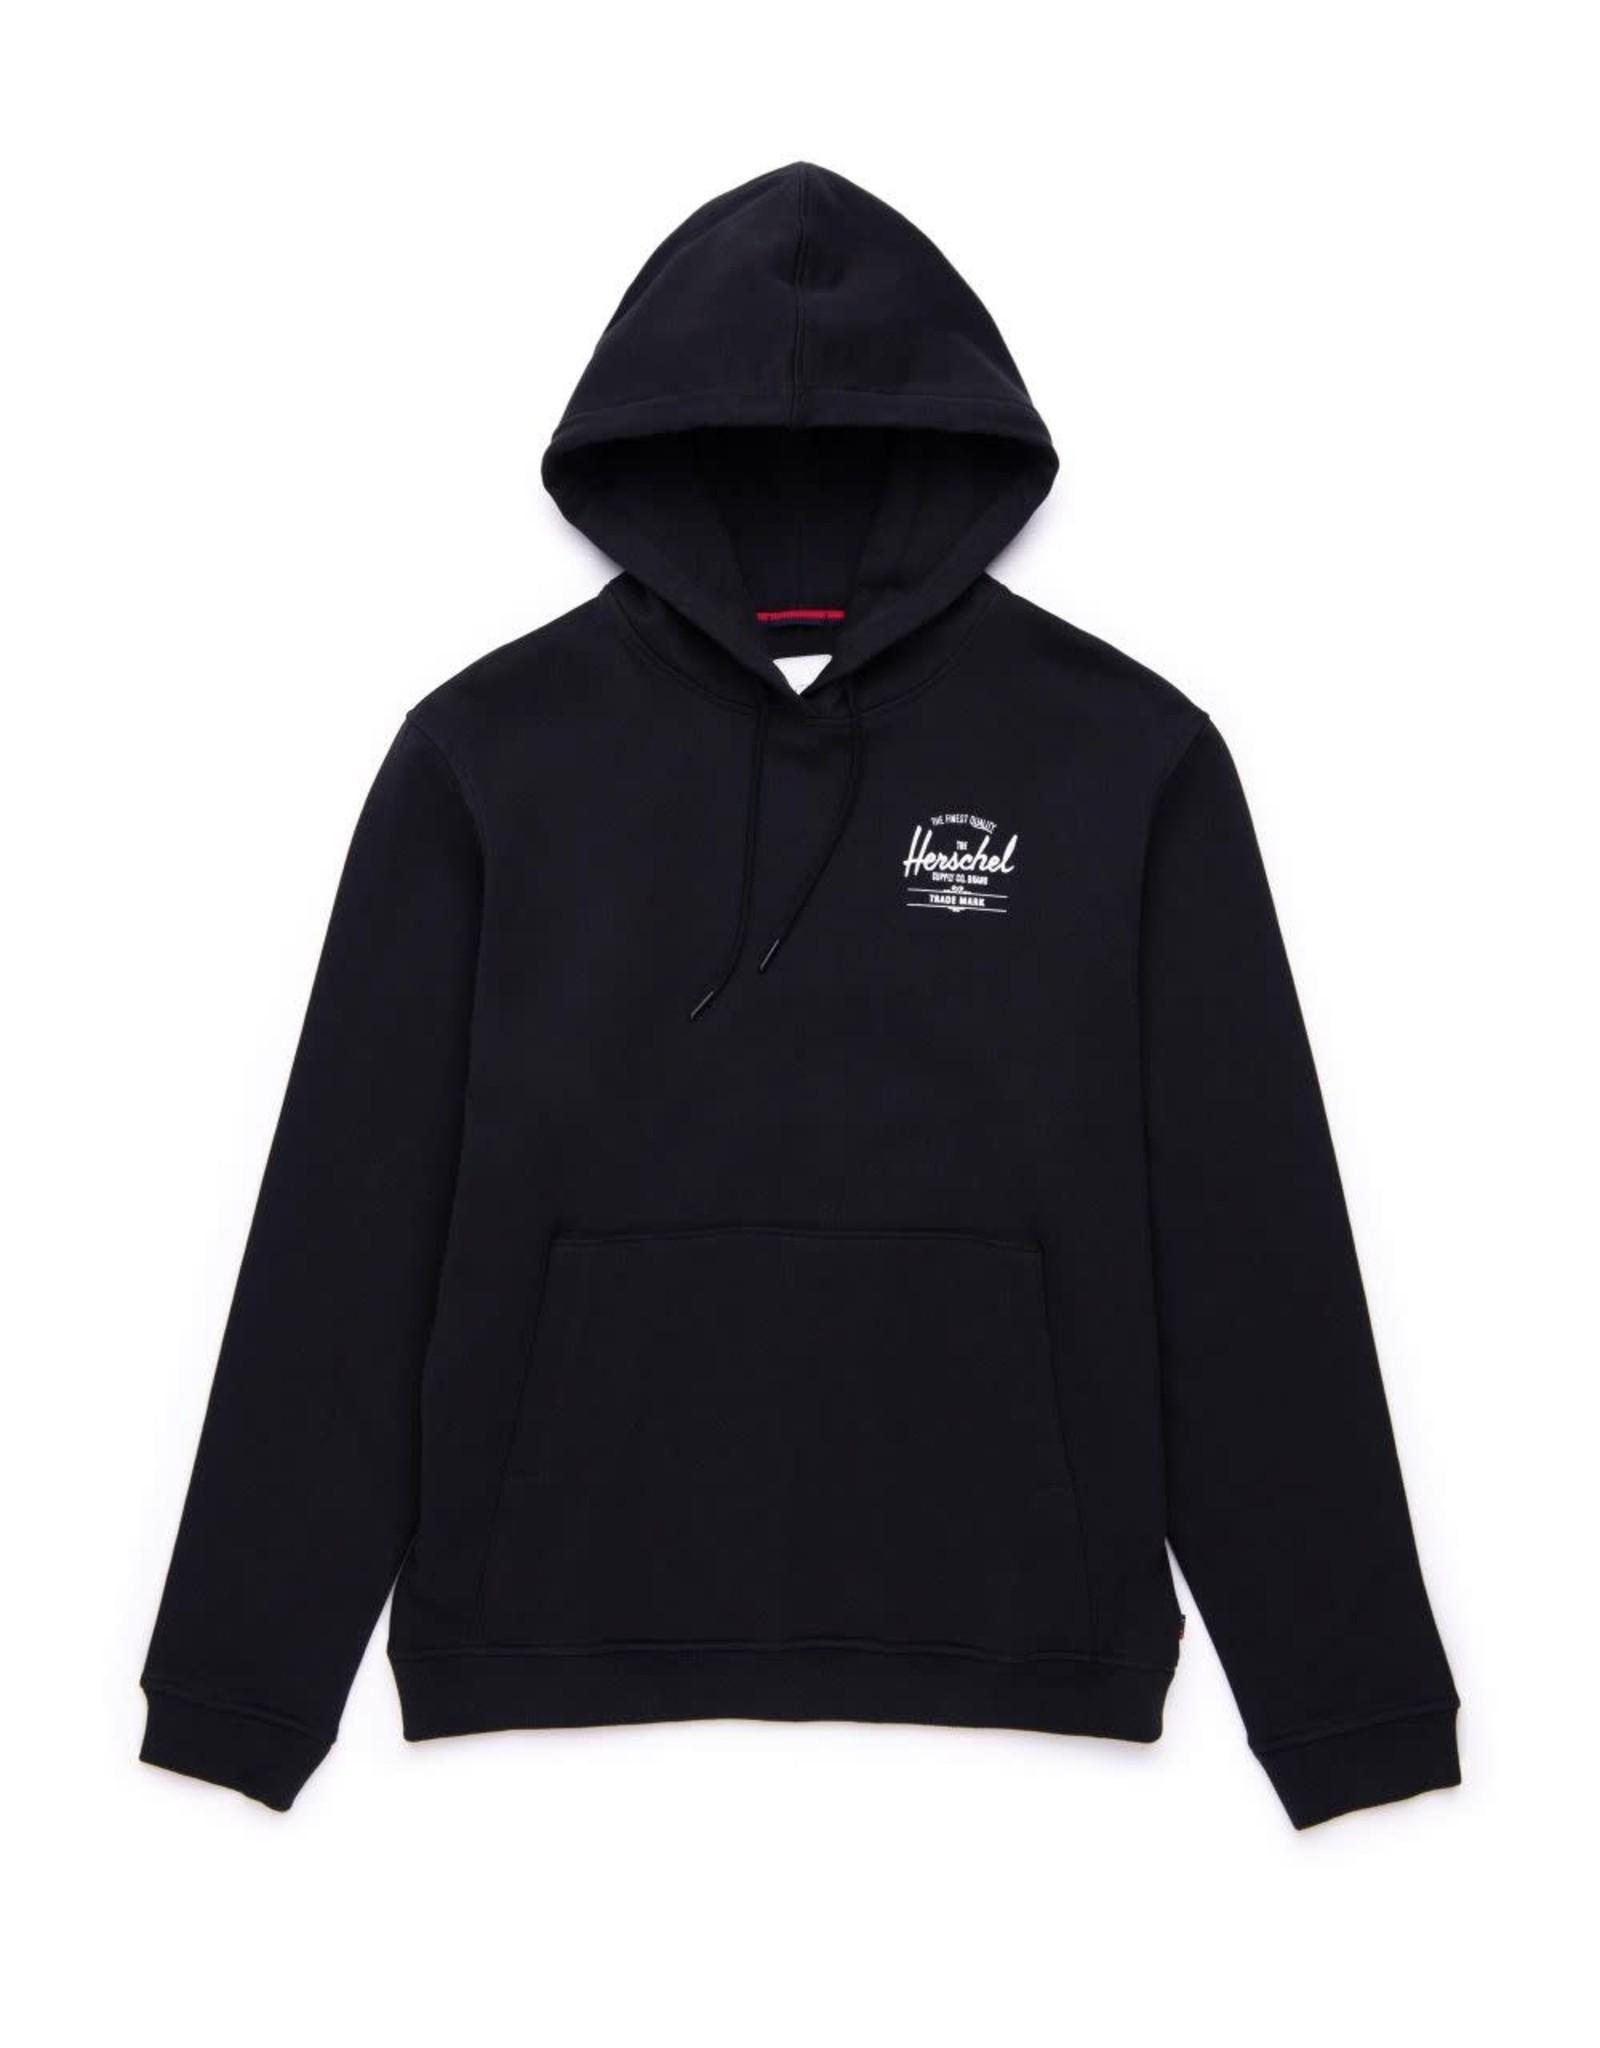 Herschel Mn's Pullover - Black - Medium